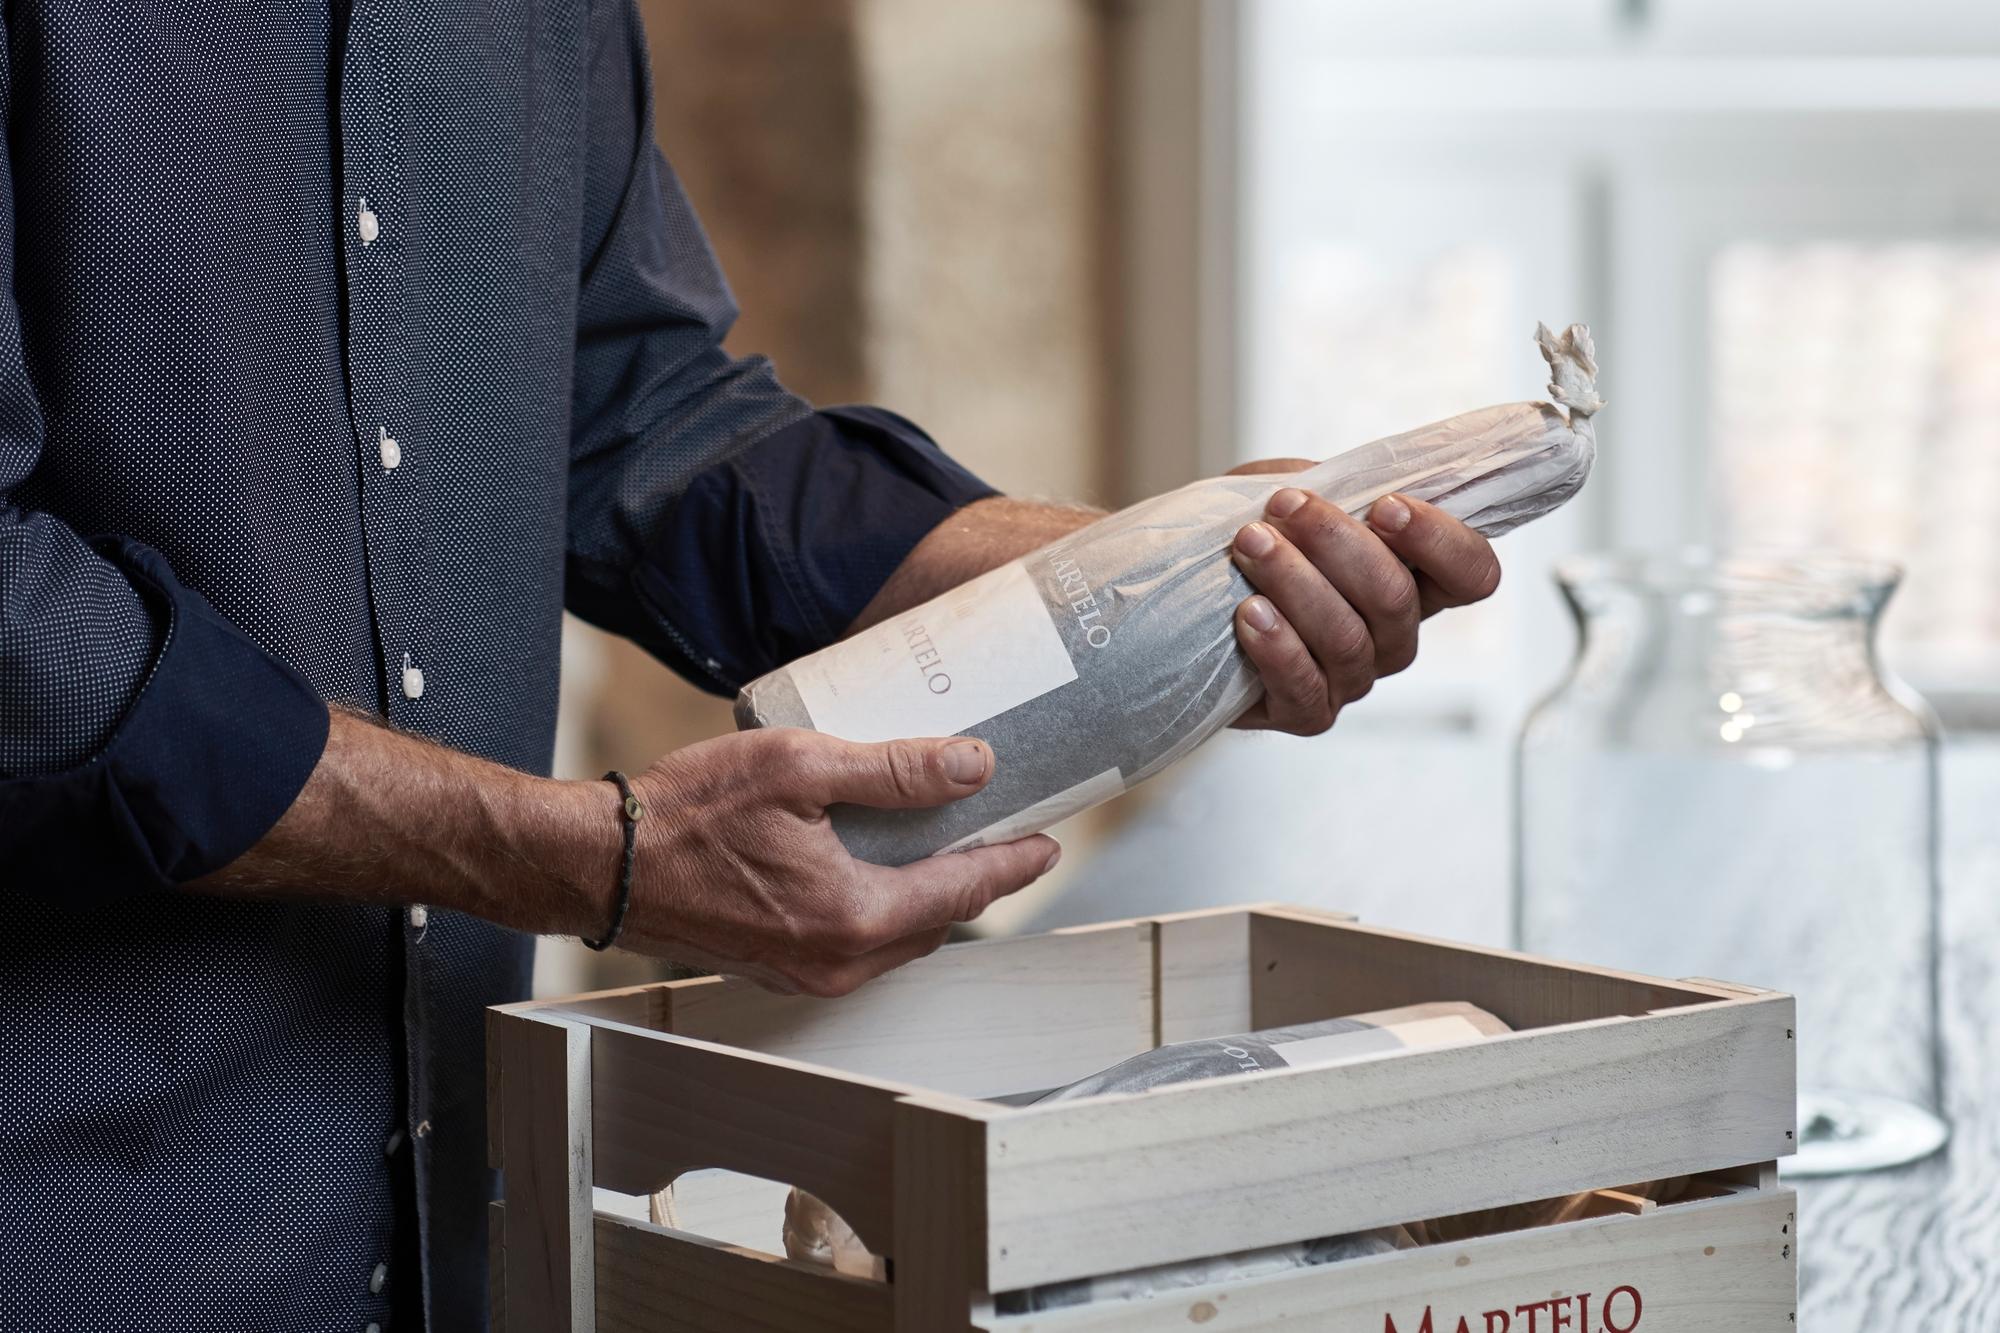 Finca Martelo 2015, a new style of Rioja